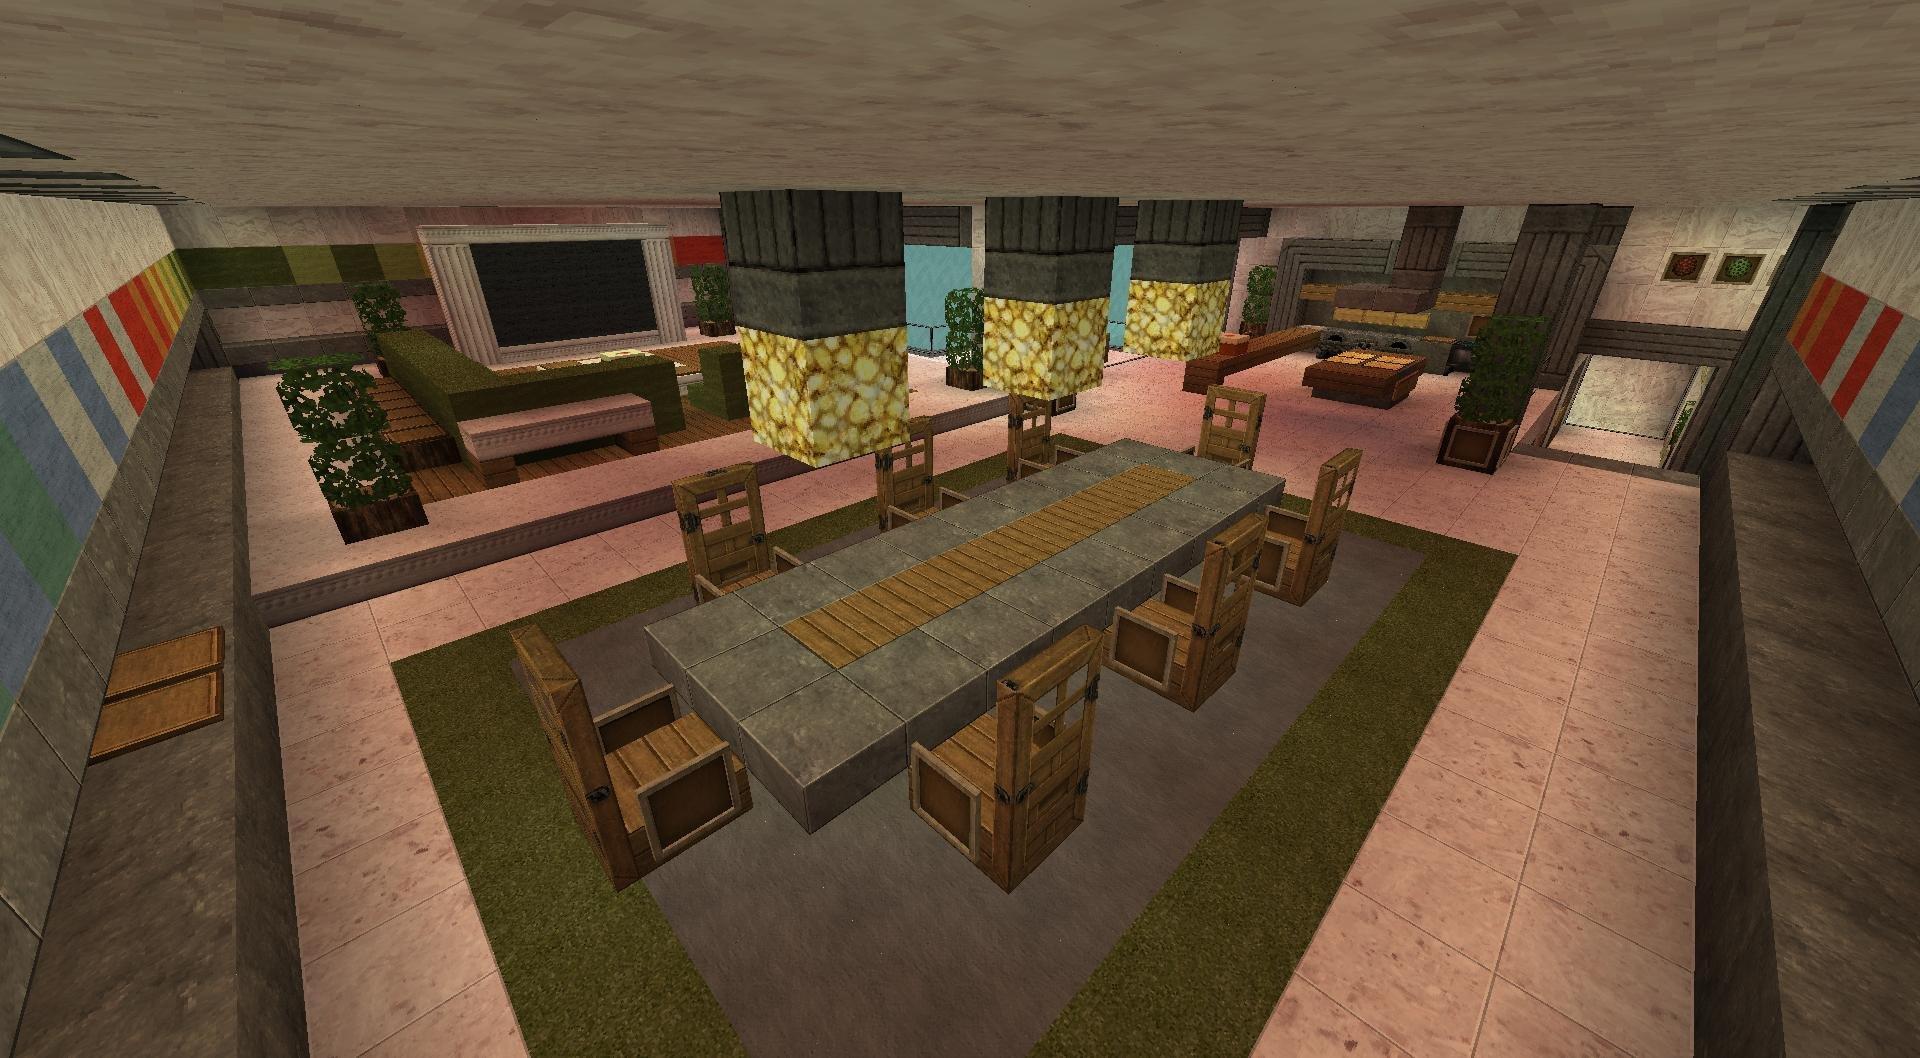 Full Size of Minecraft Küche Kreidetafel Billige Ohne Elektrogeräte Stehhilfe Mobile Wasserhahn Wandanschluss Scheibengardinen Spülbecken Vorhänge Hochschrank Kleiner Wohnzimmer Minecraft Küche